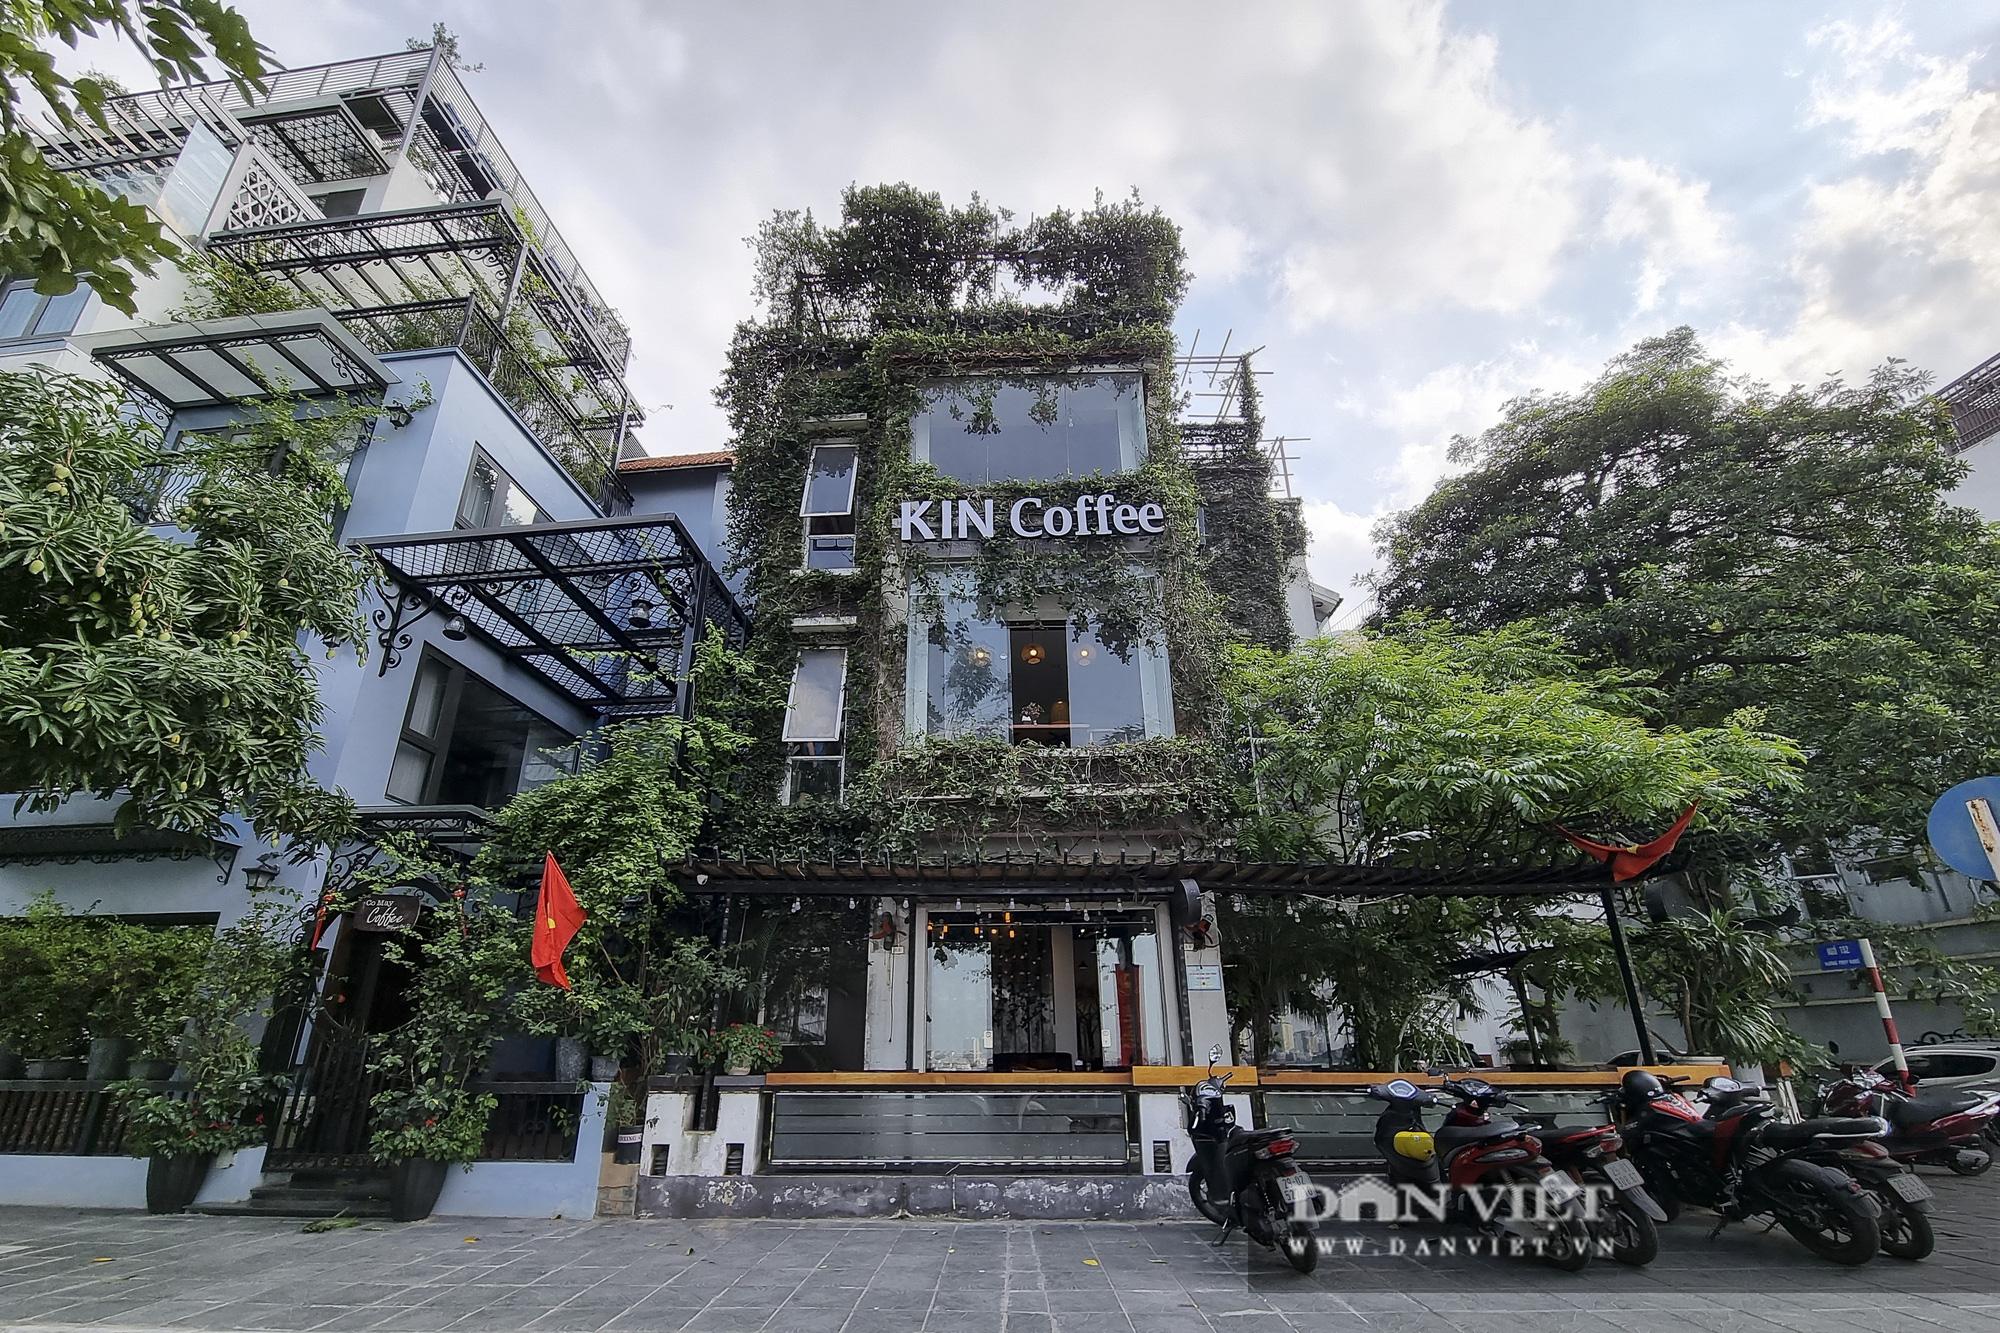 Hà Nội: Nhà hàng, quán cà phê, trà đá vỉa hè nơi chấp hành tốt, nơi vẫn ngang nhiên hoạt động  - Ảnh 1.